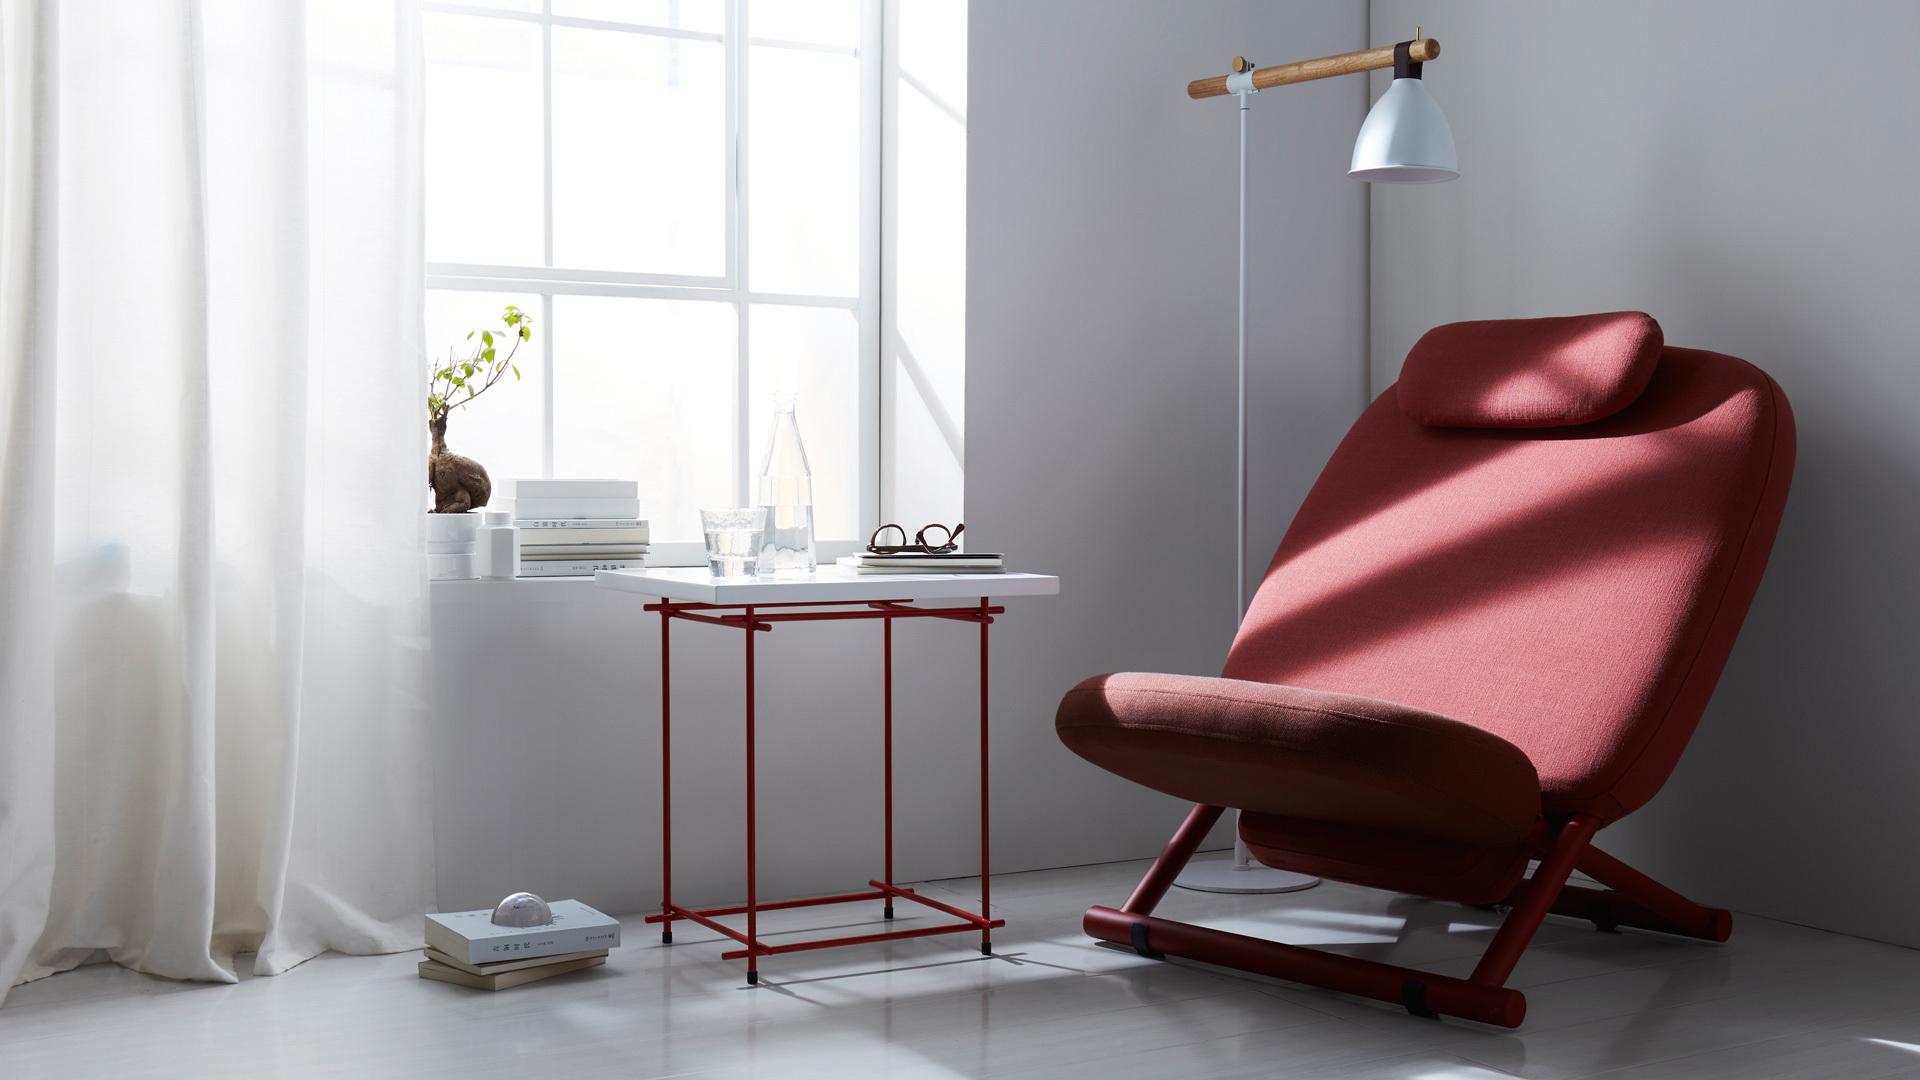 线条的极简构成,毫不堆叠的轻盈形式感,和西竹躺椅、鹿铃地灯组合而成的阅读角,带来线条最美的家中一隅。